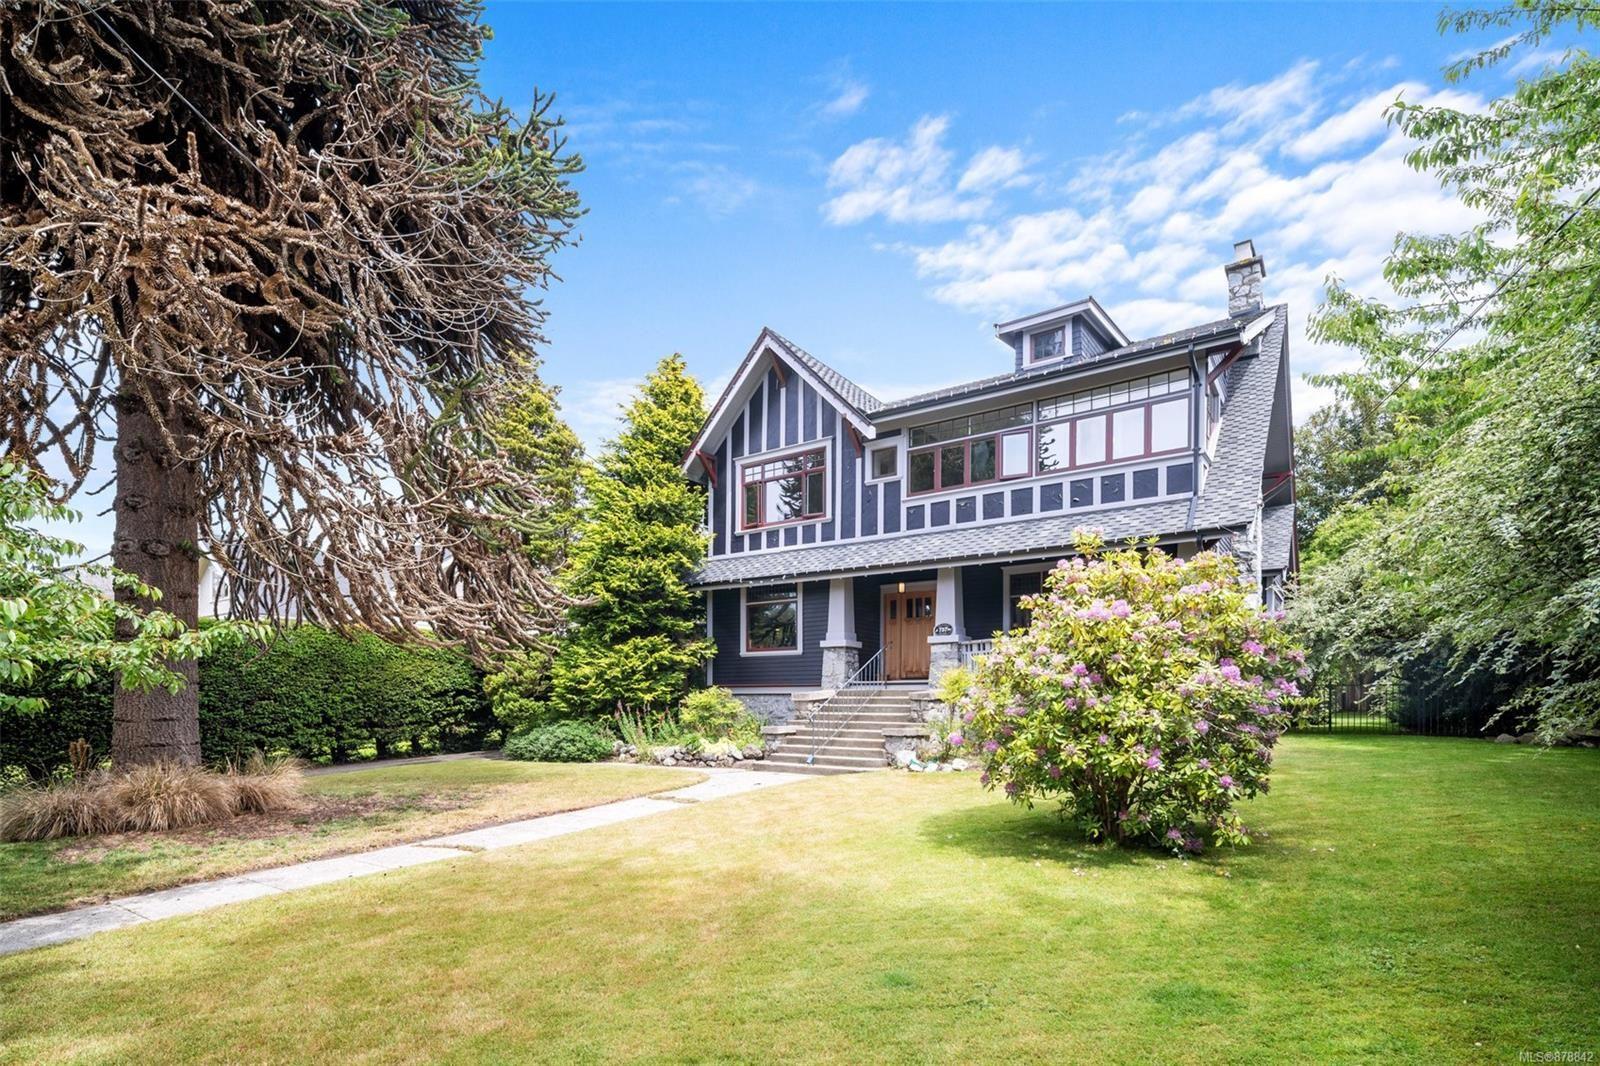 Main Photo: 757 Transit Rd in : OB South Oak Bay House for sale (Oak Bay)  : MLS®# 878842